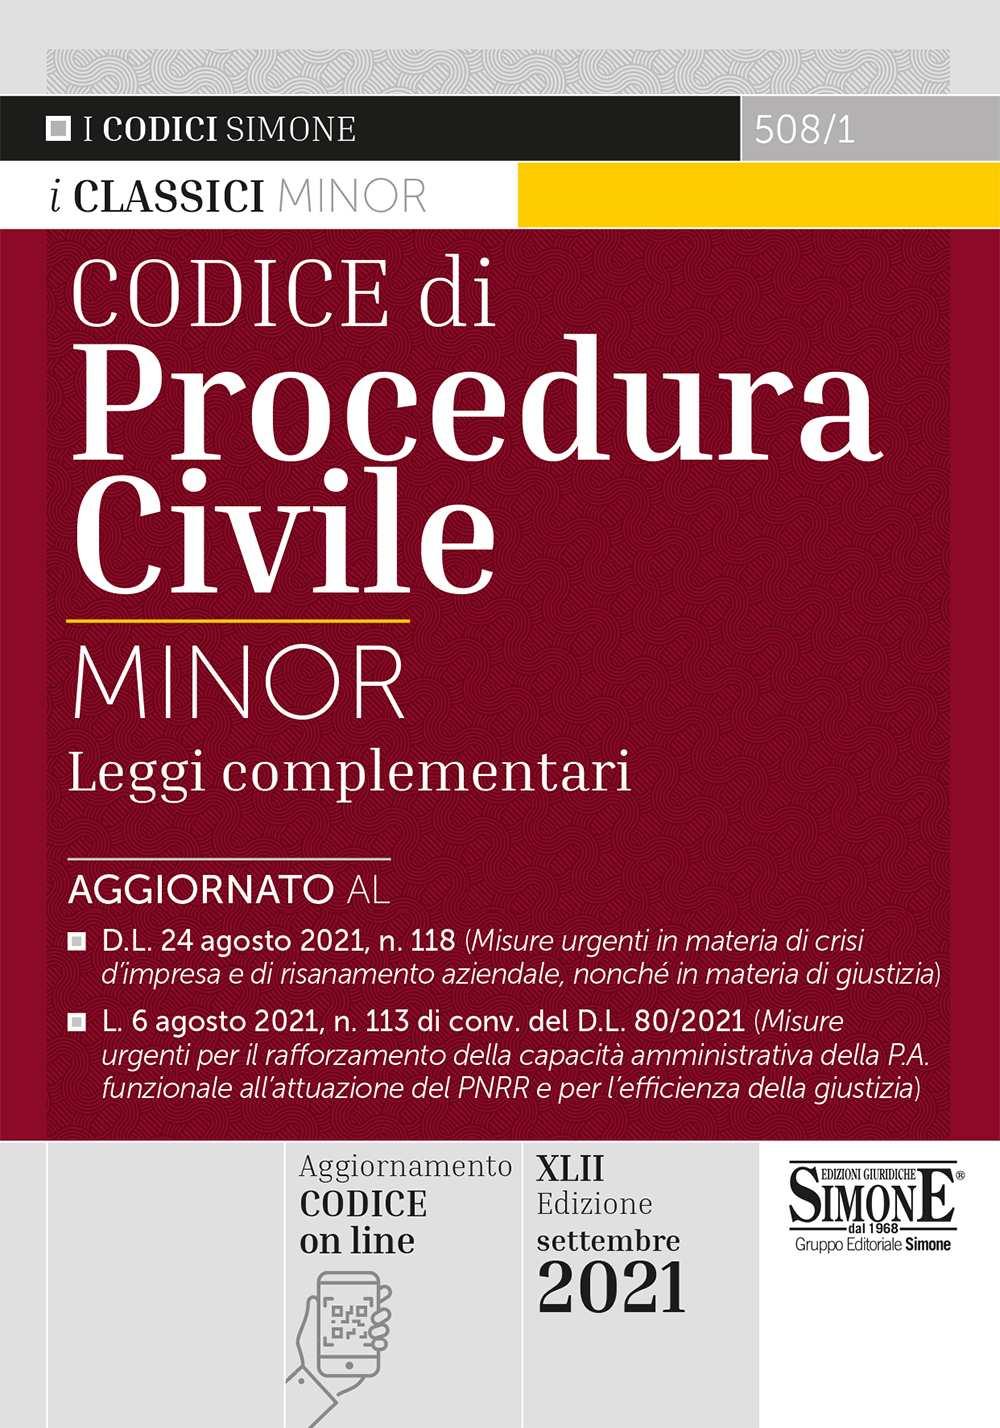 Codice di Procedura Civile Minor